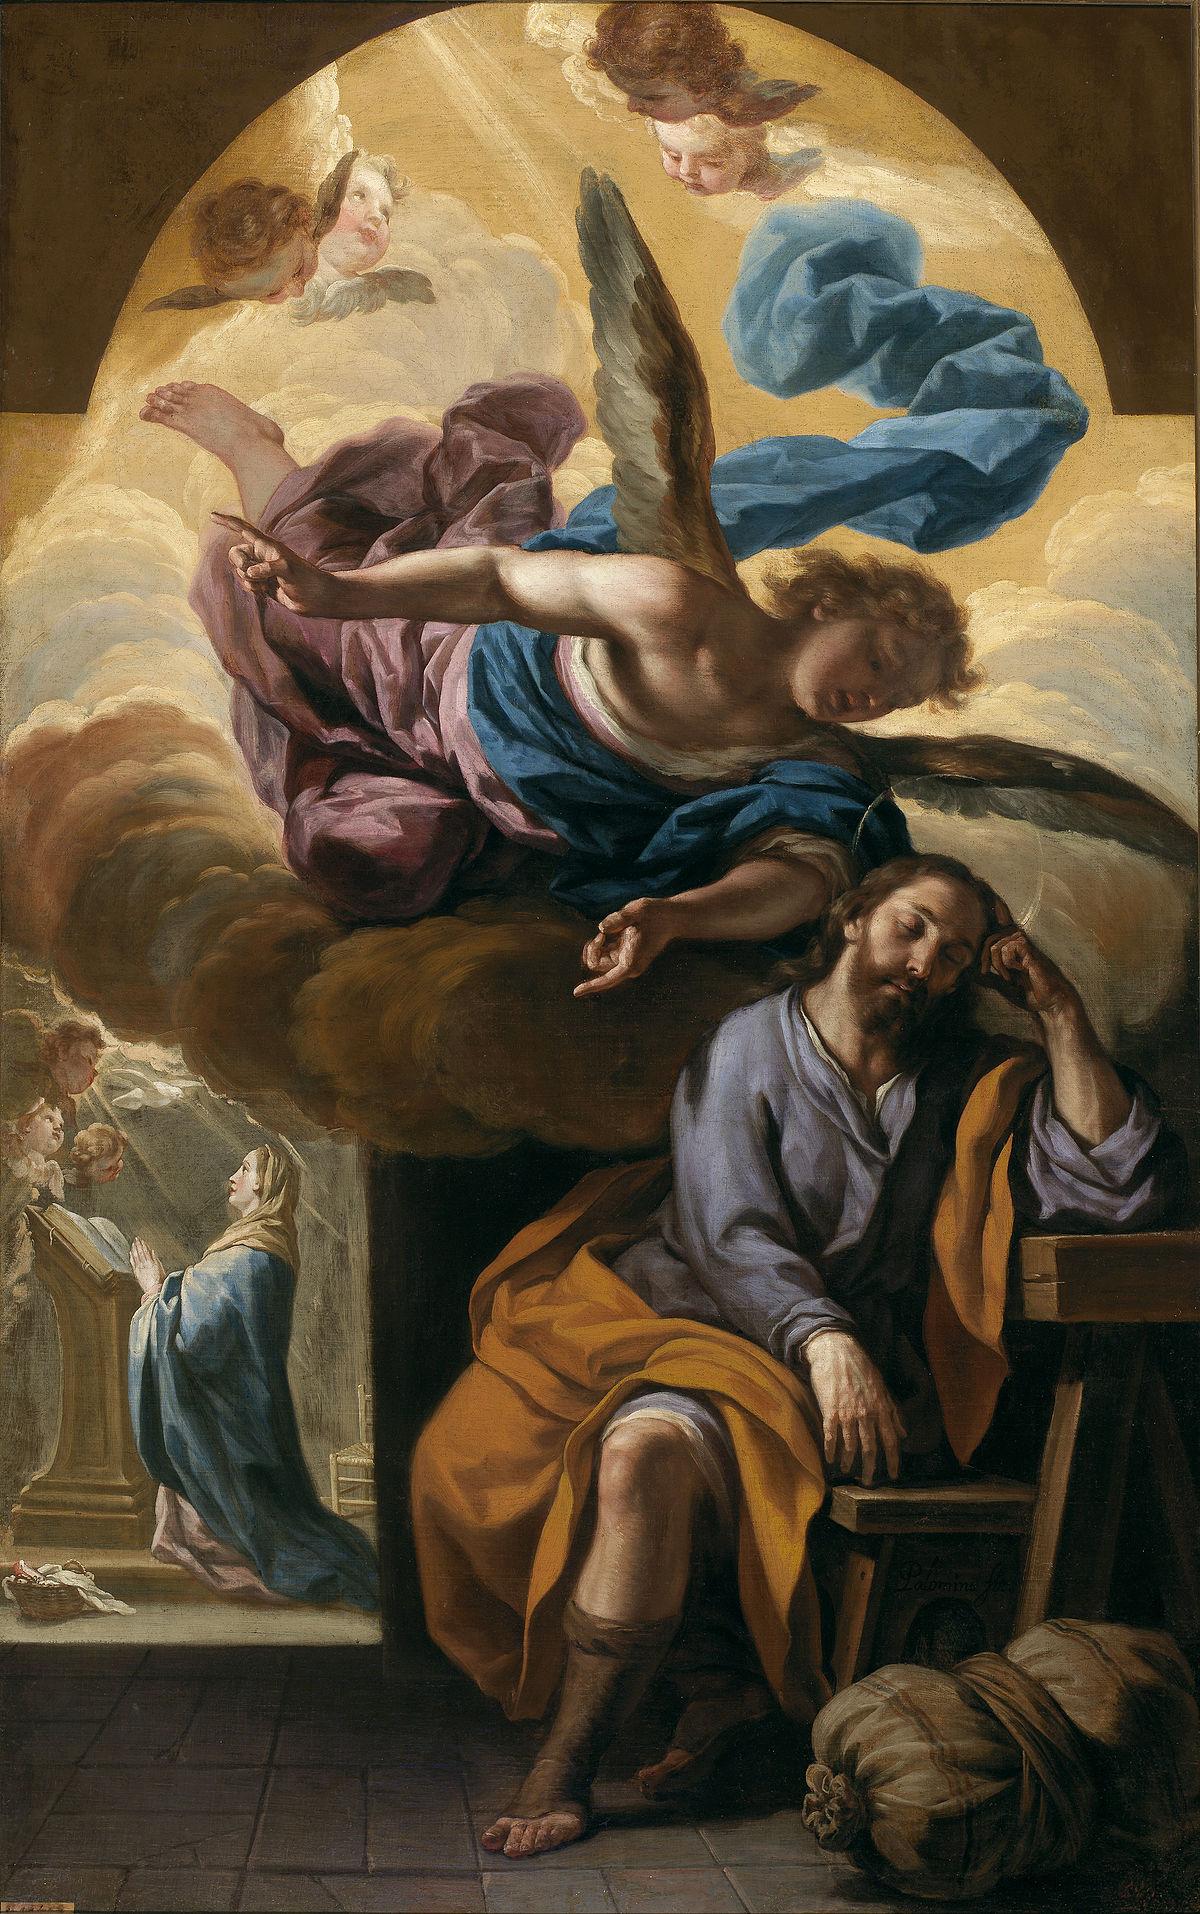 File:El sueño de San José, de Antonio Palomino.jpg